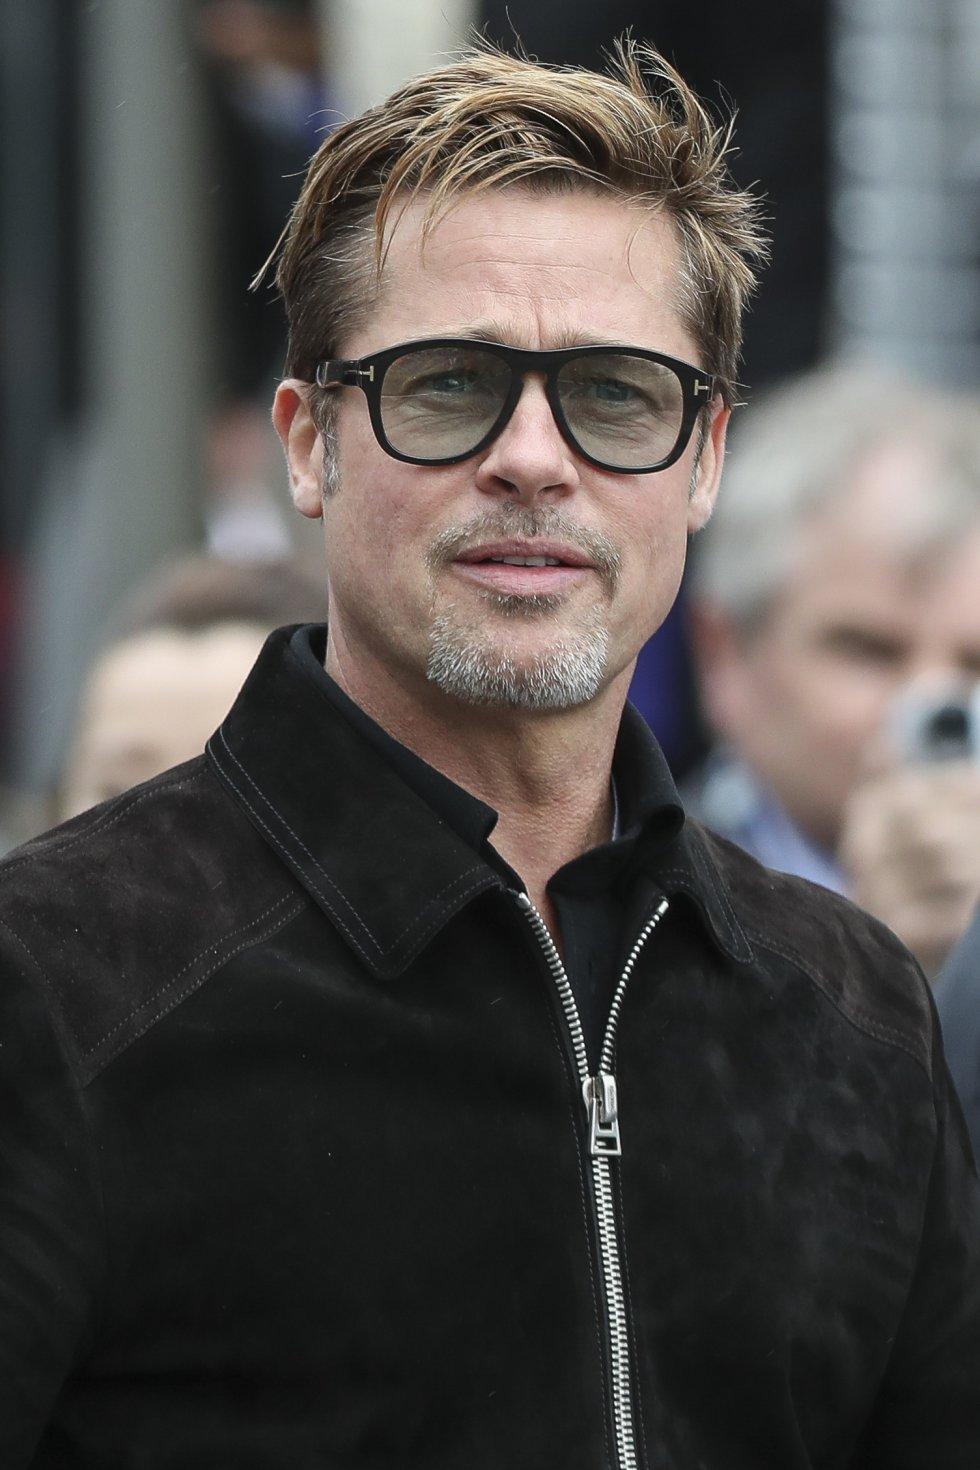 Después del huracán Katrina, Brad Pitt constituyó la organización sin ánimo de lucro Make It Right desde donde se financió la construcción de viviendas sostenibles para los damnificados de Nueva Orleans.